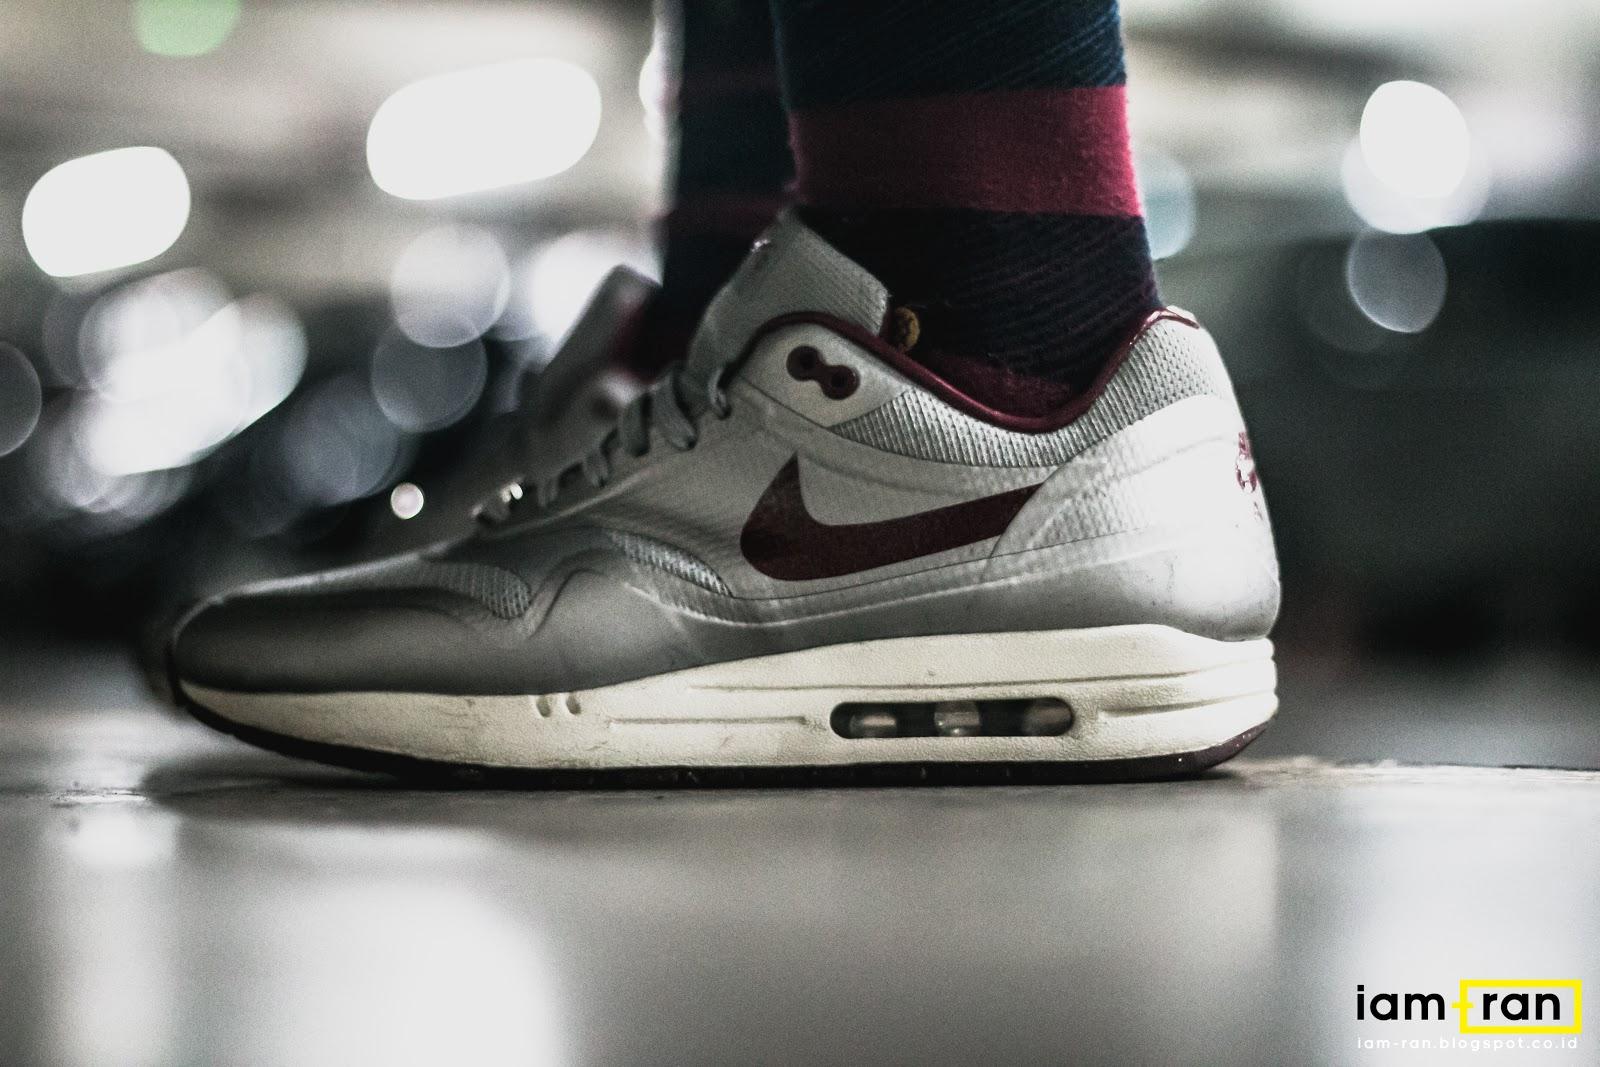 IAM RAN: ON FEET : Dayu Nike Air Max 1 HYP QS